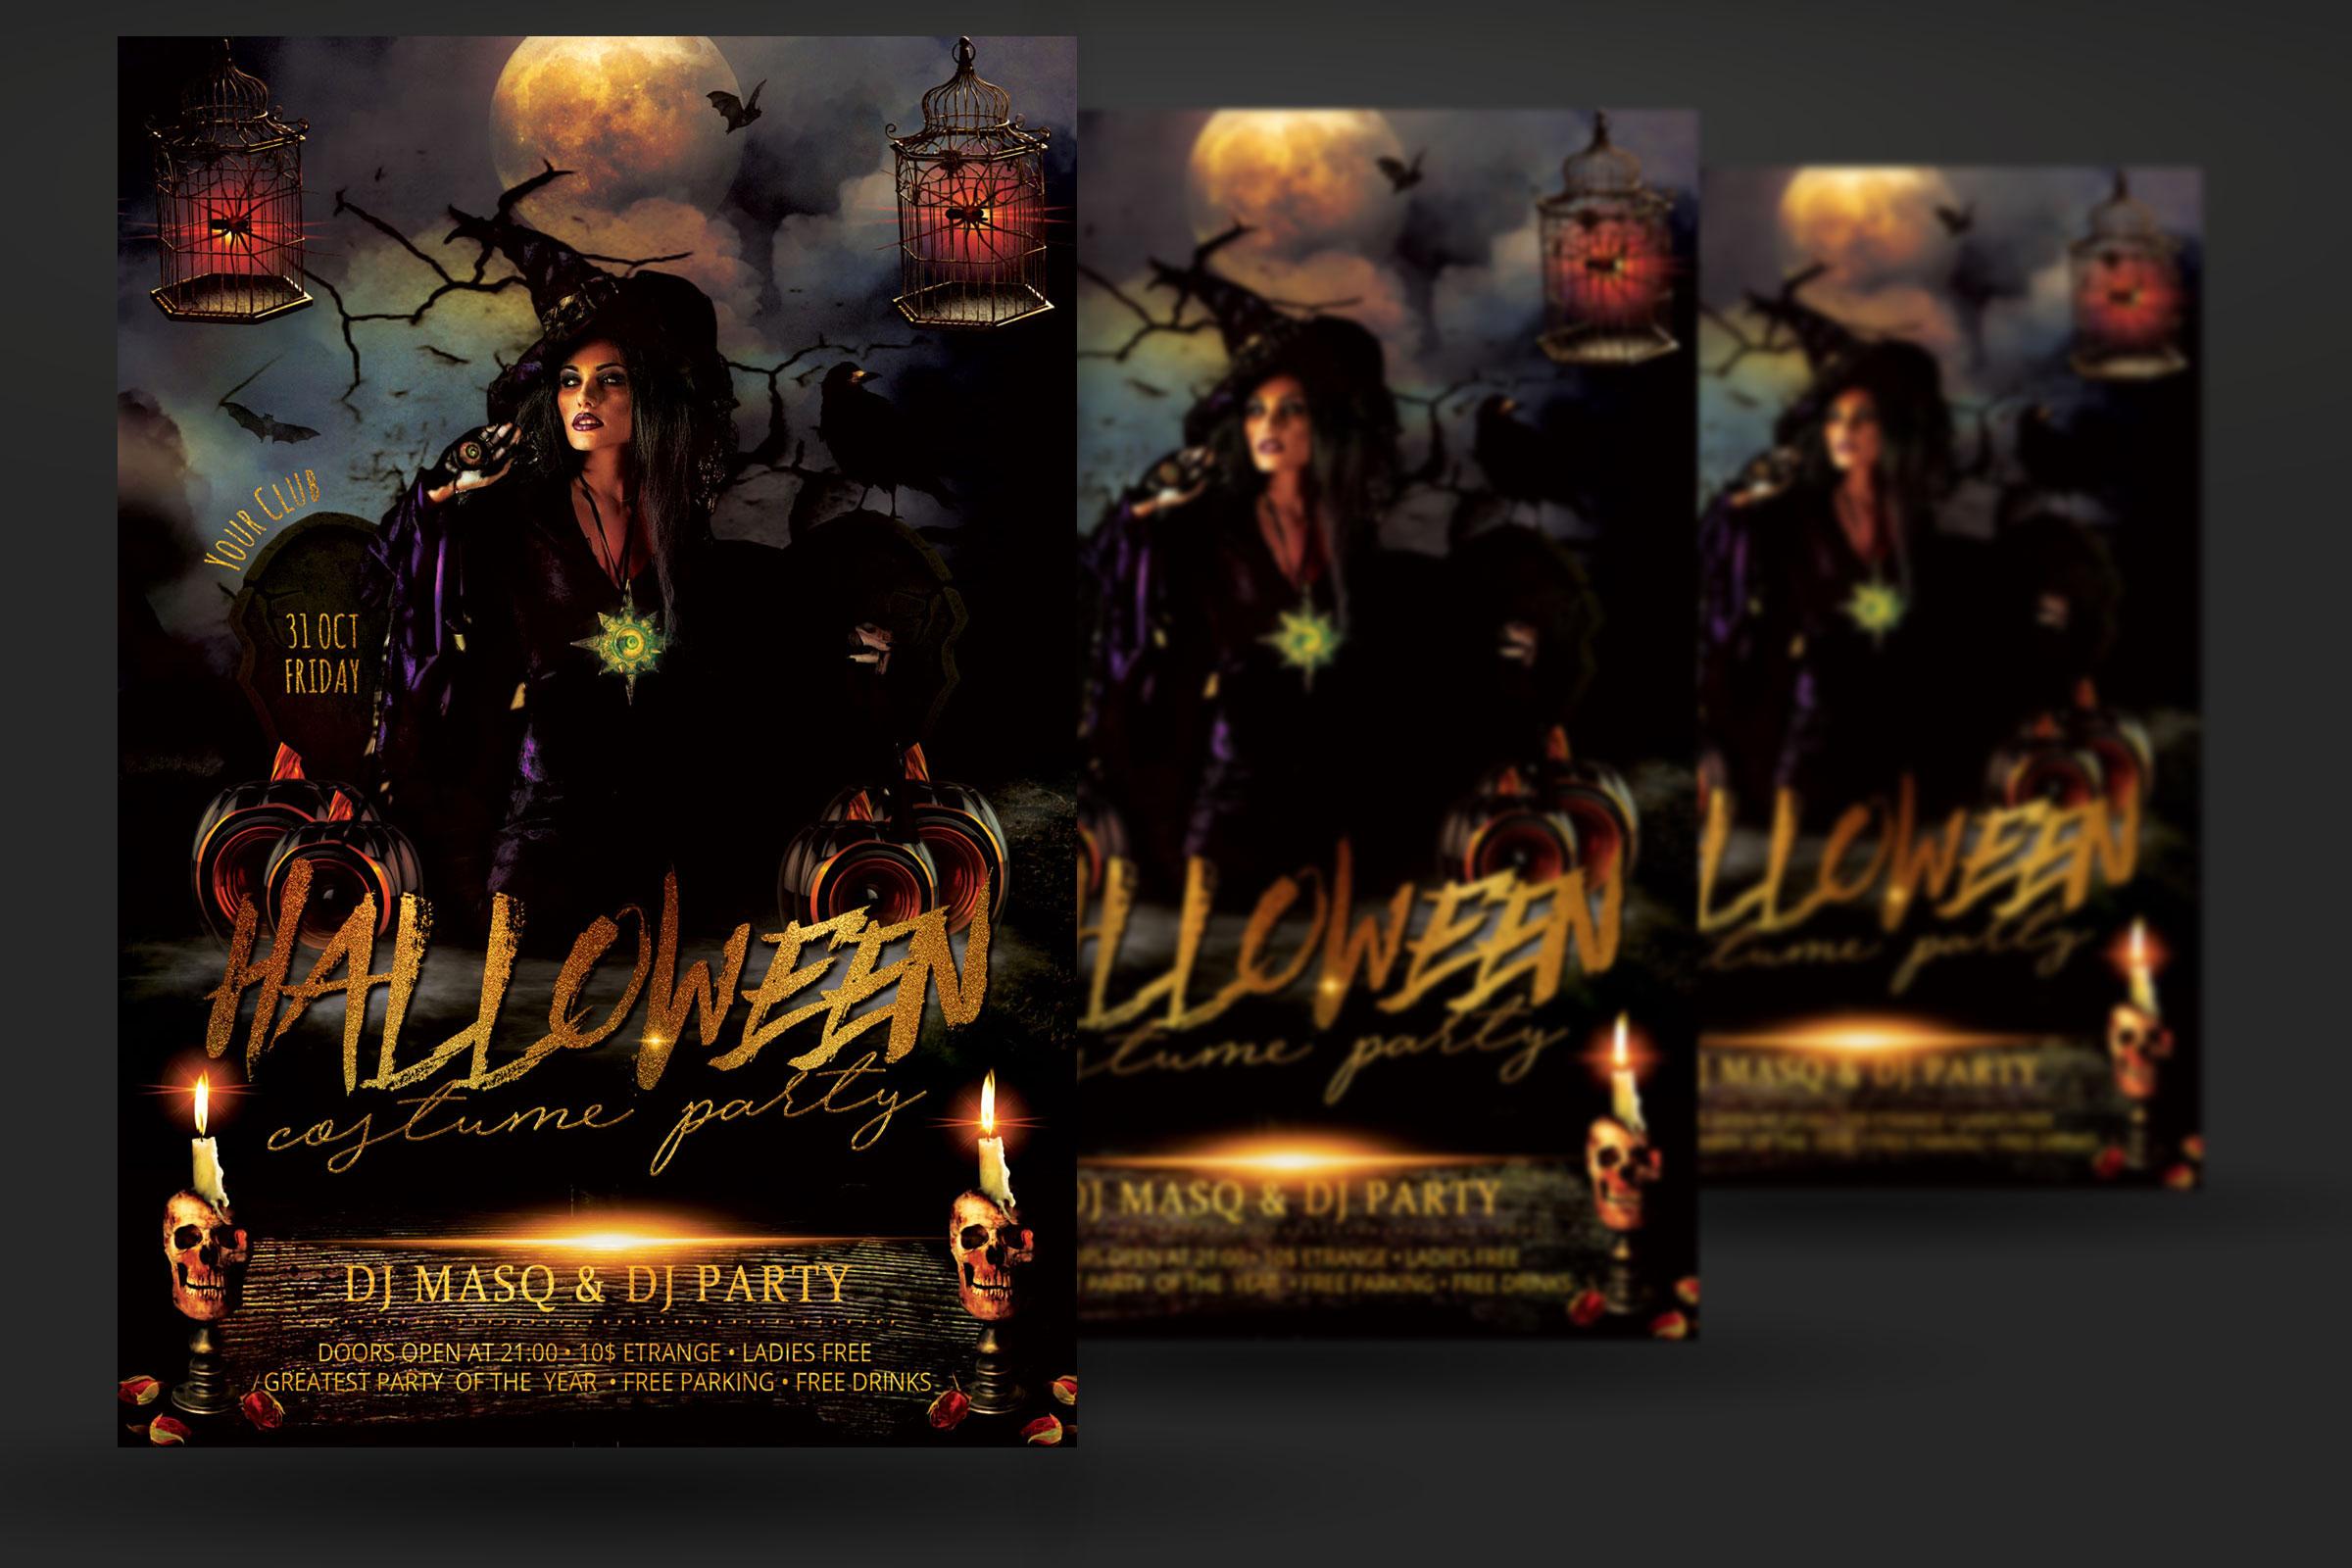 Halloween Flyer example image 2